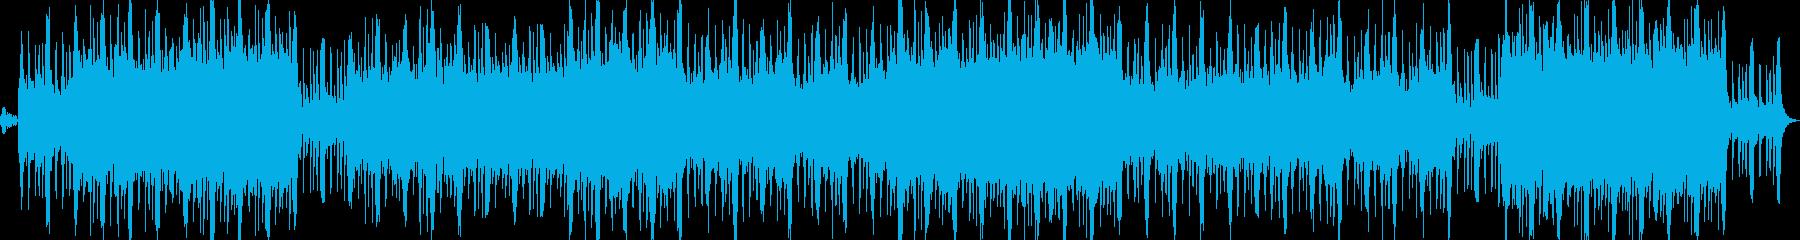 和太鼓が軽快な和風ロックですの再生済みの波形